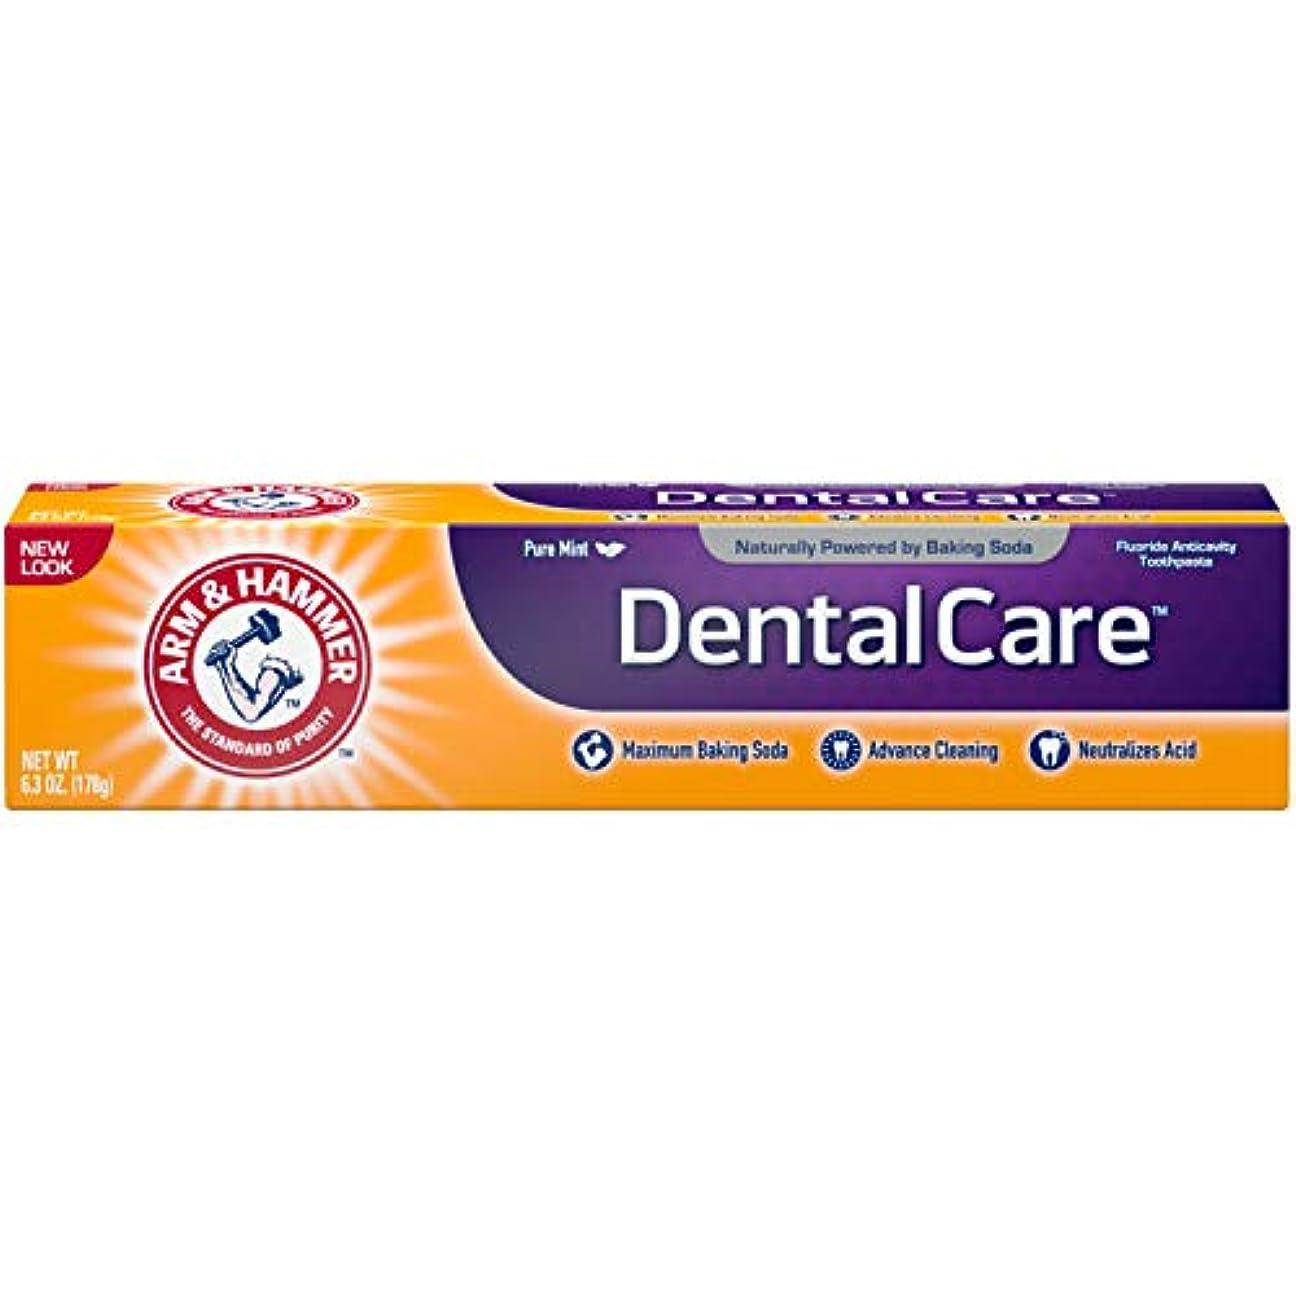 壁紙ミシン目たるみArm & Hammer デンタルケアフッ化物の歯磨き粉、アドバンスクリーニング、最大強さ、フレッシュミント6.30オズ(12パック) 12のパック